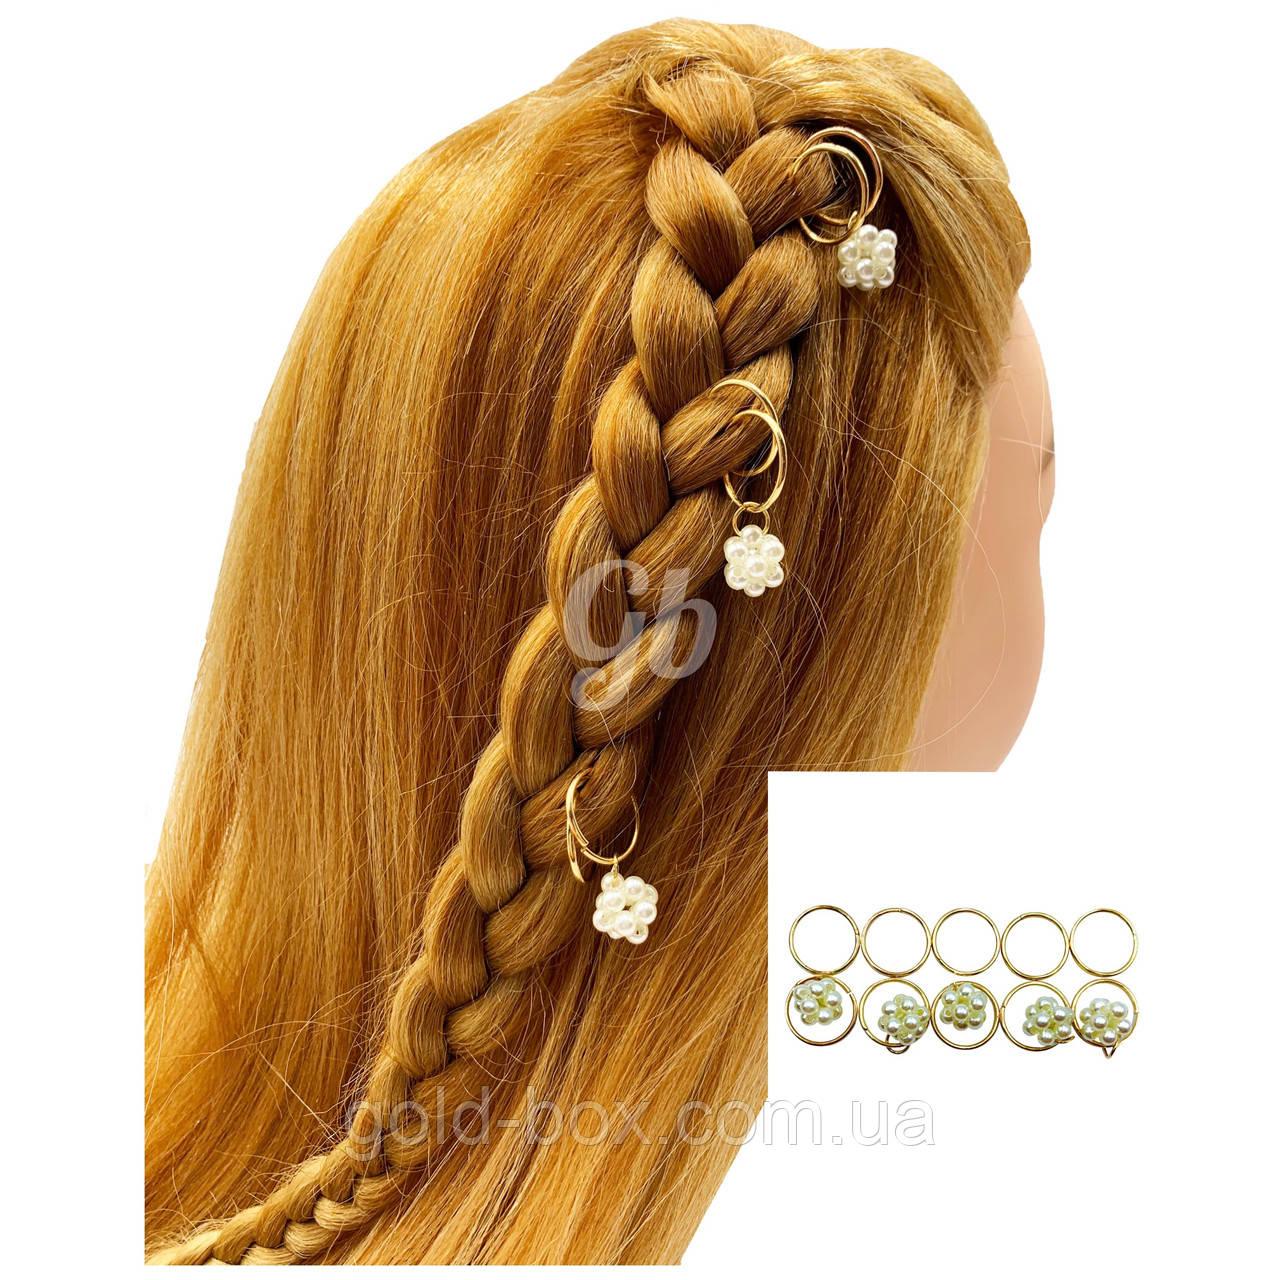 Набір кілець для волосся Pearl 10шт